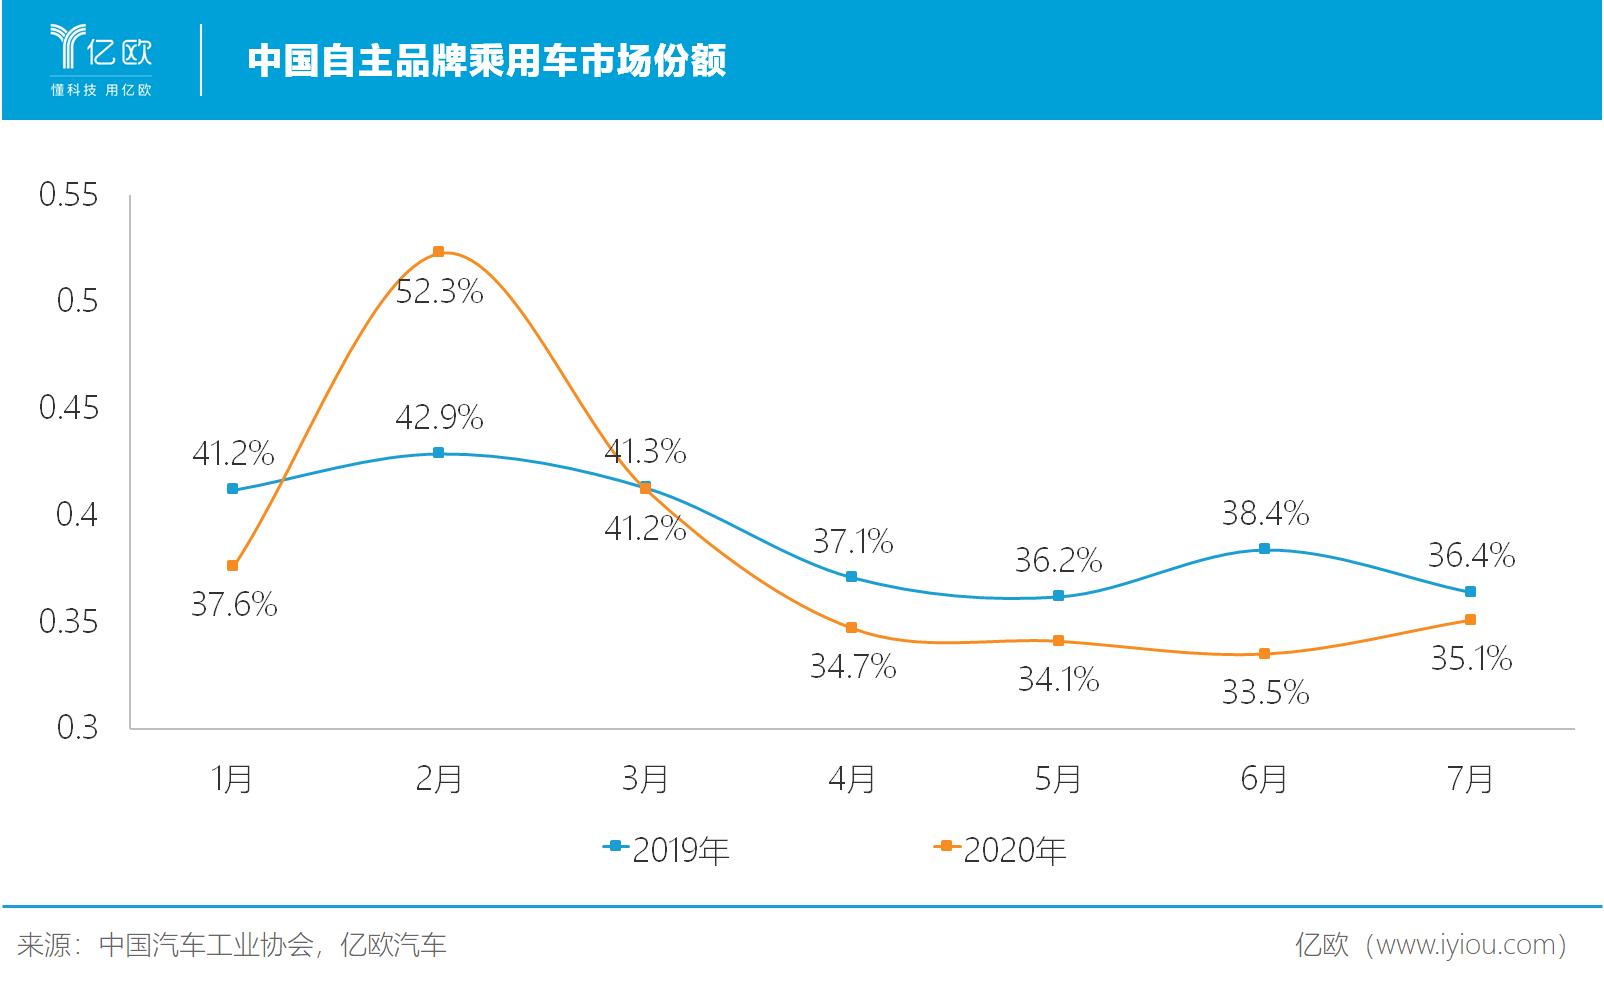 中国自主品牌乘用车市场份额